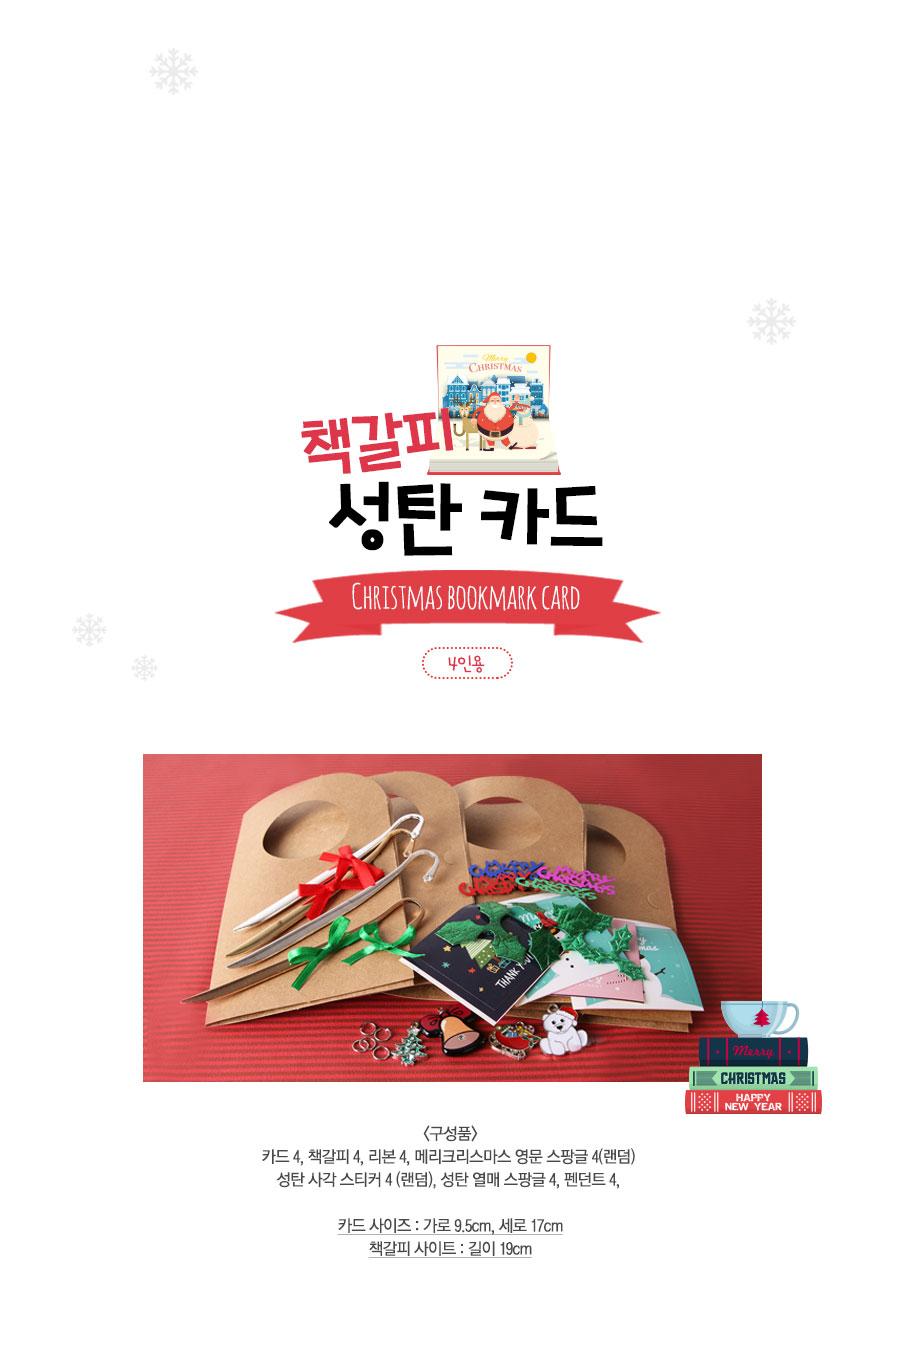 책갈피 성탄카드만들기(4인용)/크리스마스만들기/diy - 아트랄라, 9,700원, 전통공예, 기타소품 패키지